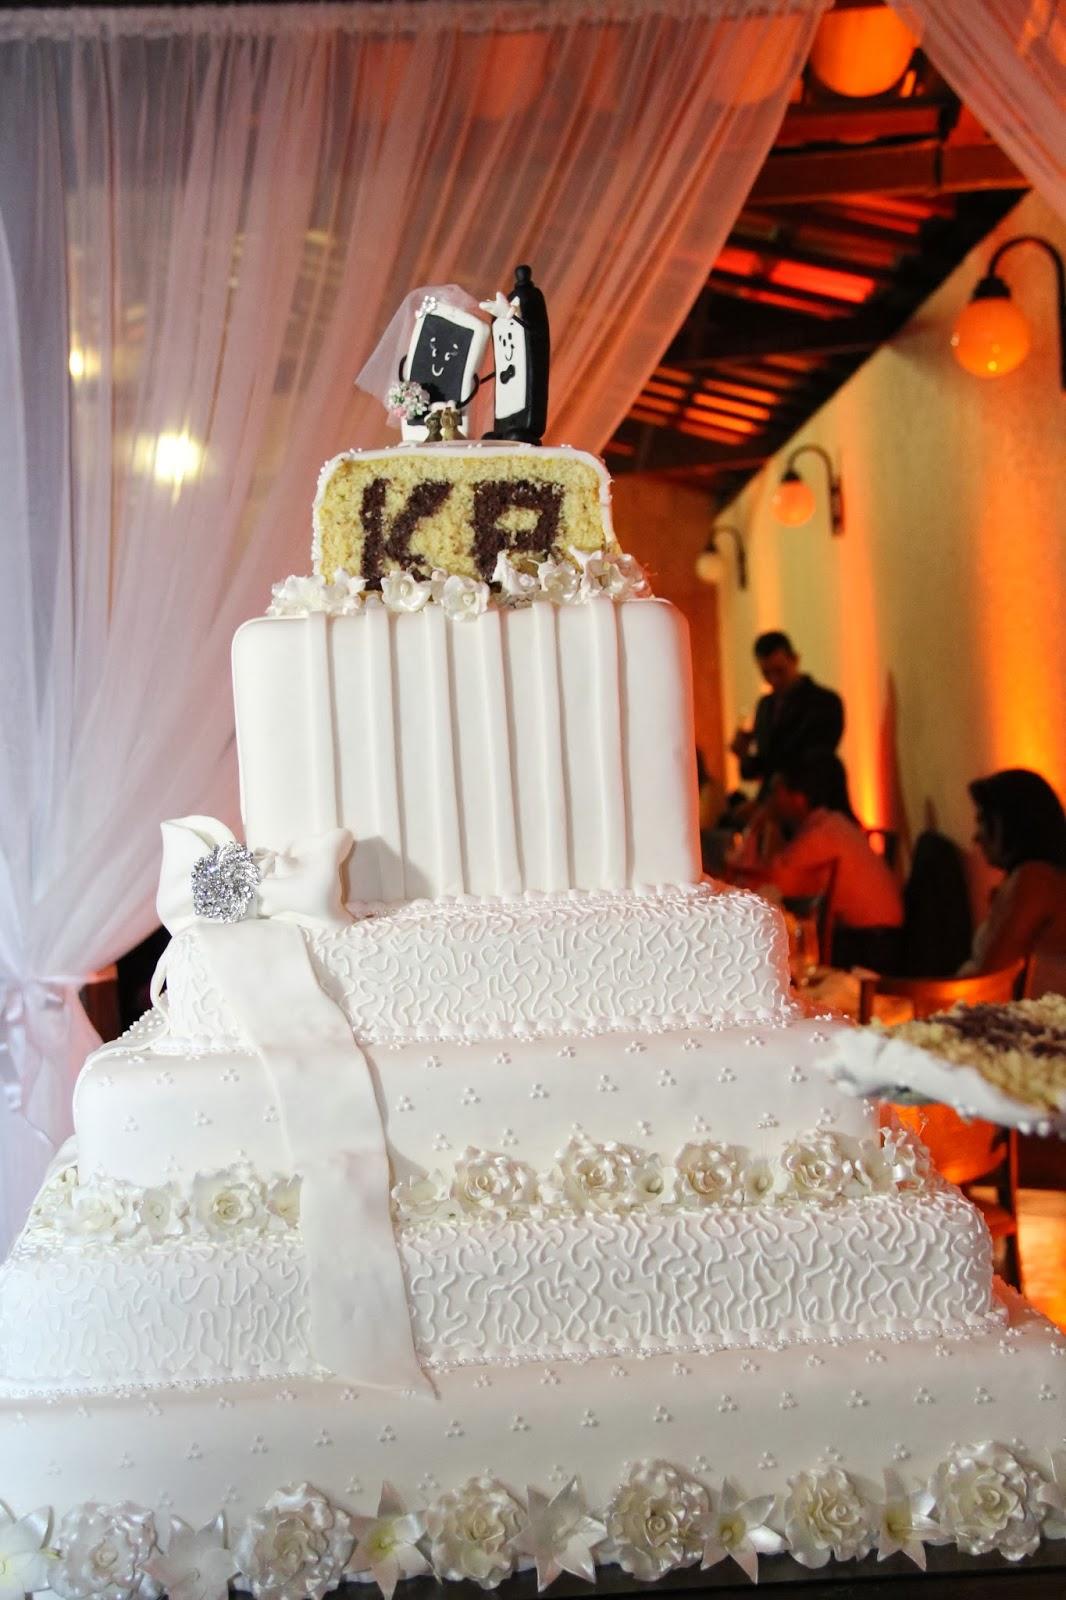 casamento-geek-topo-bolo